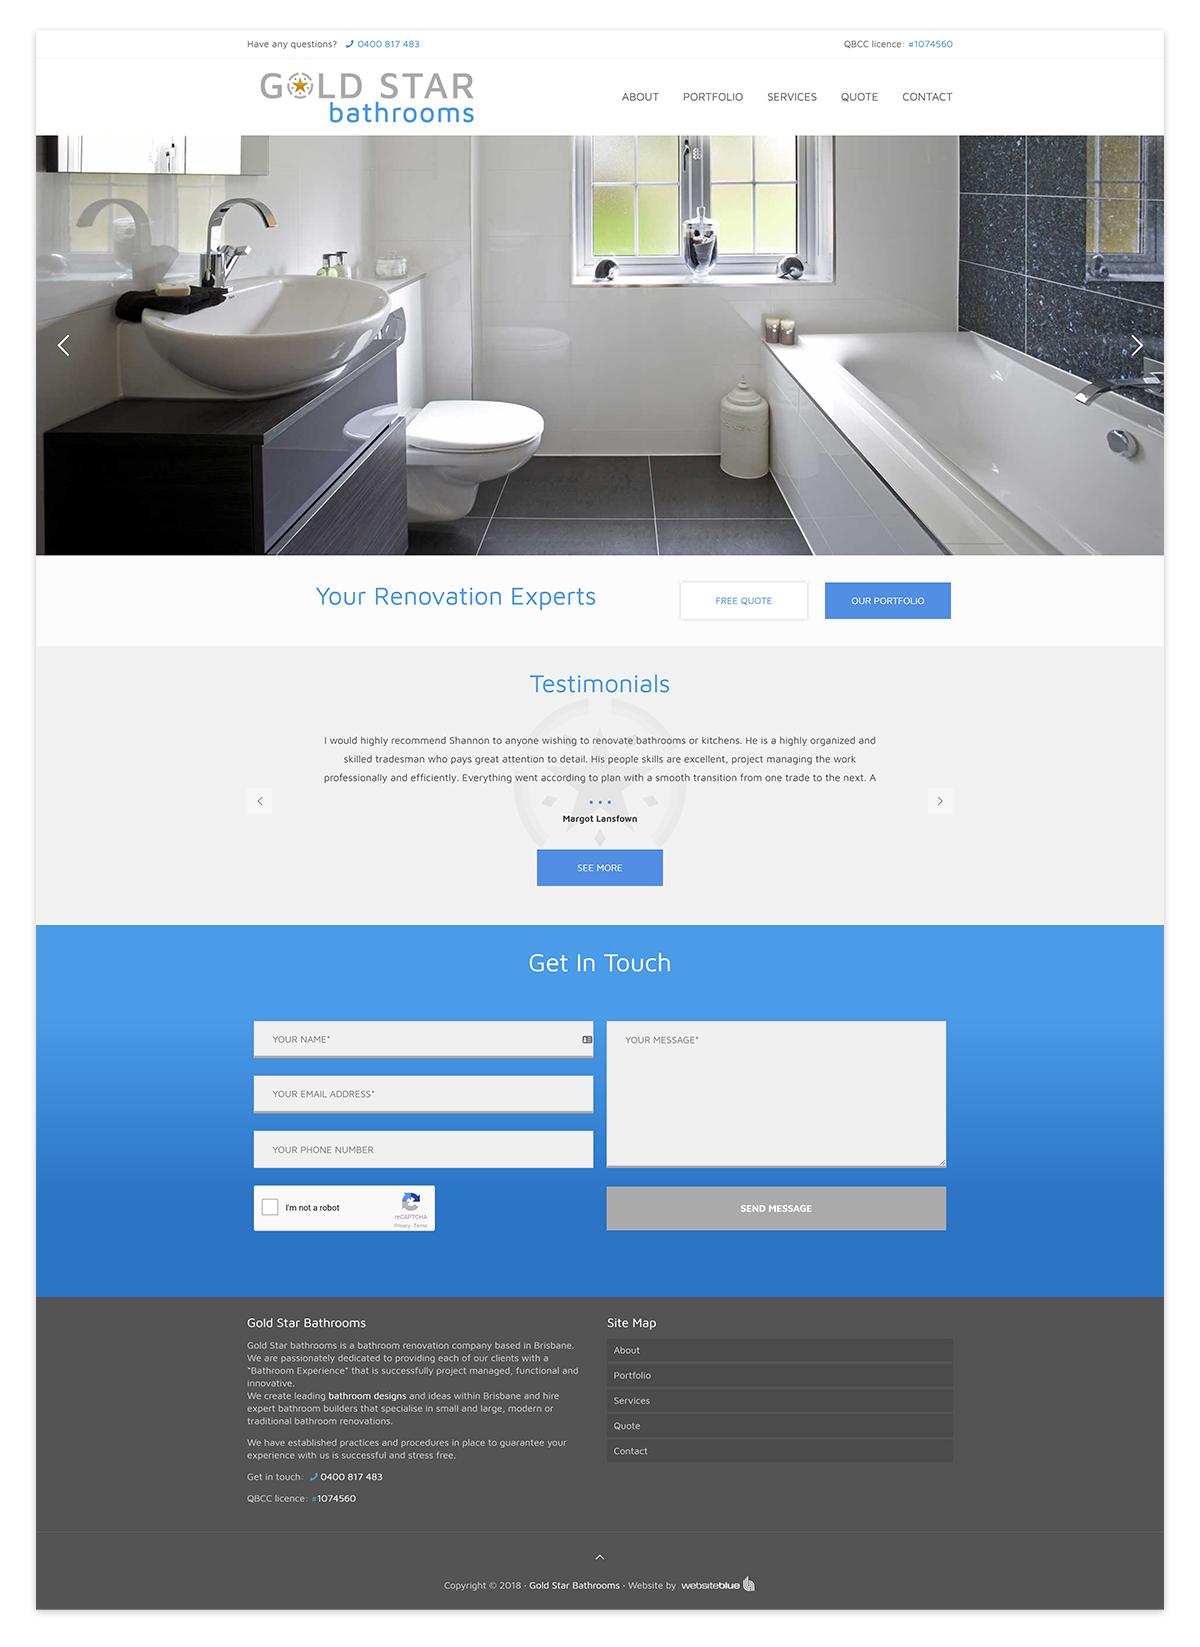 goldstar_homepage